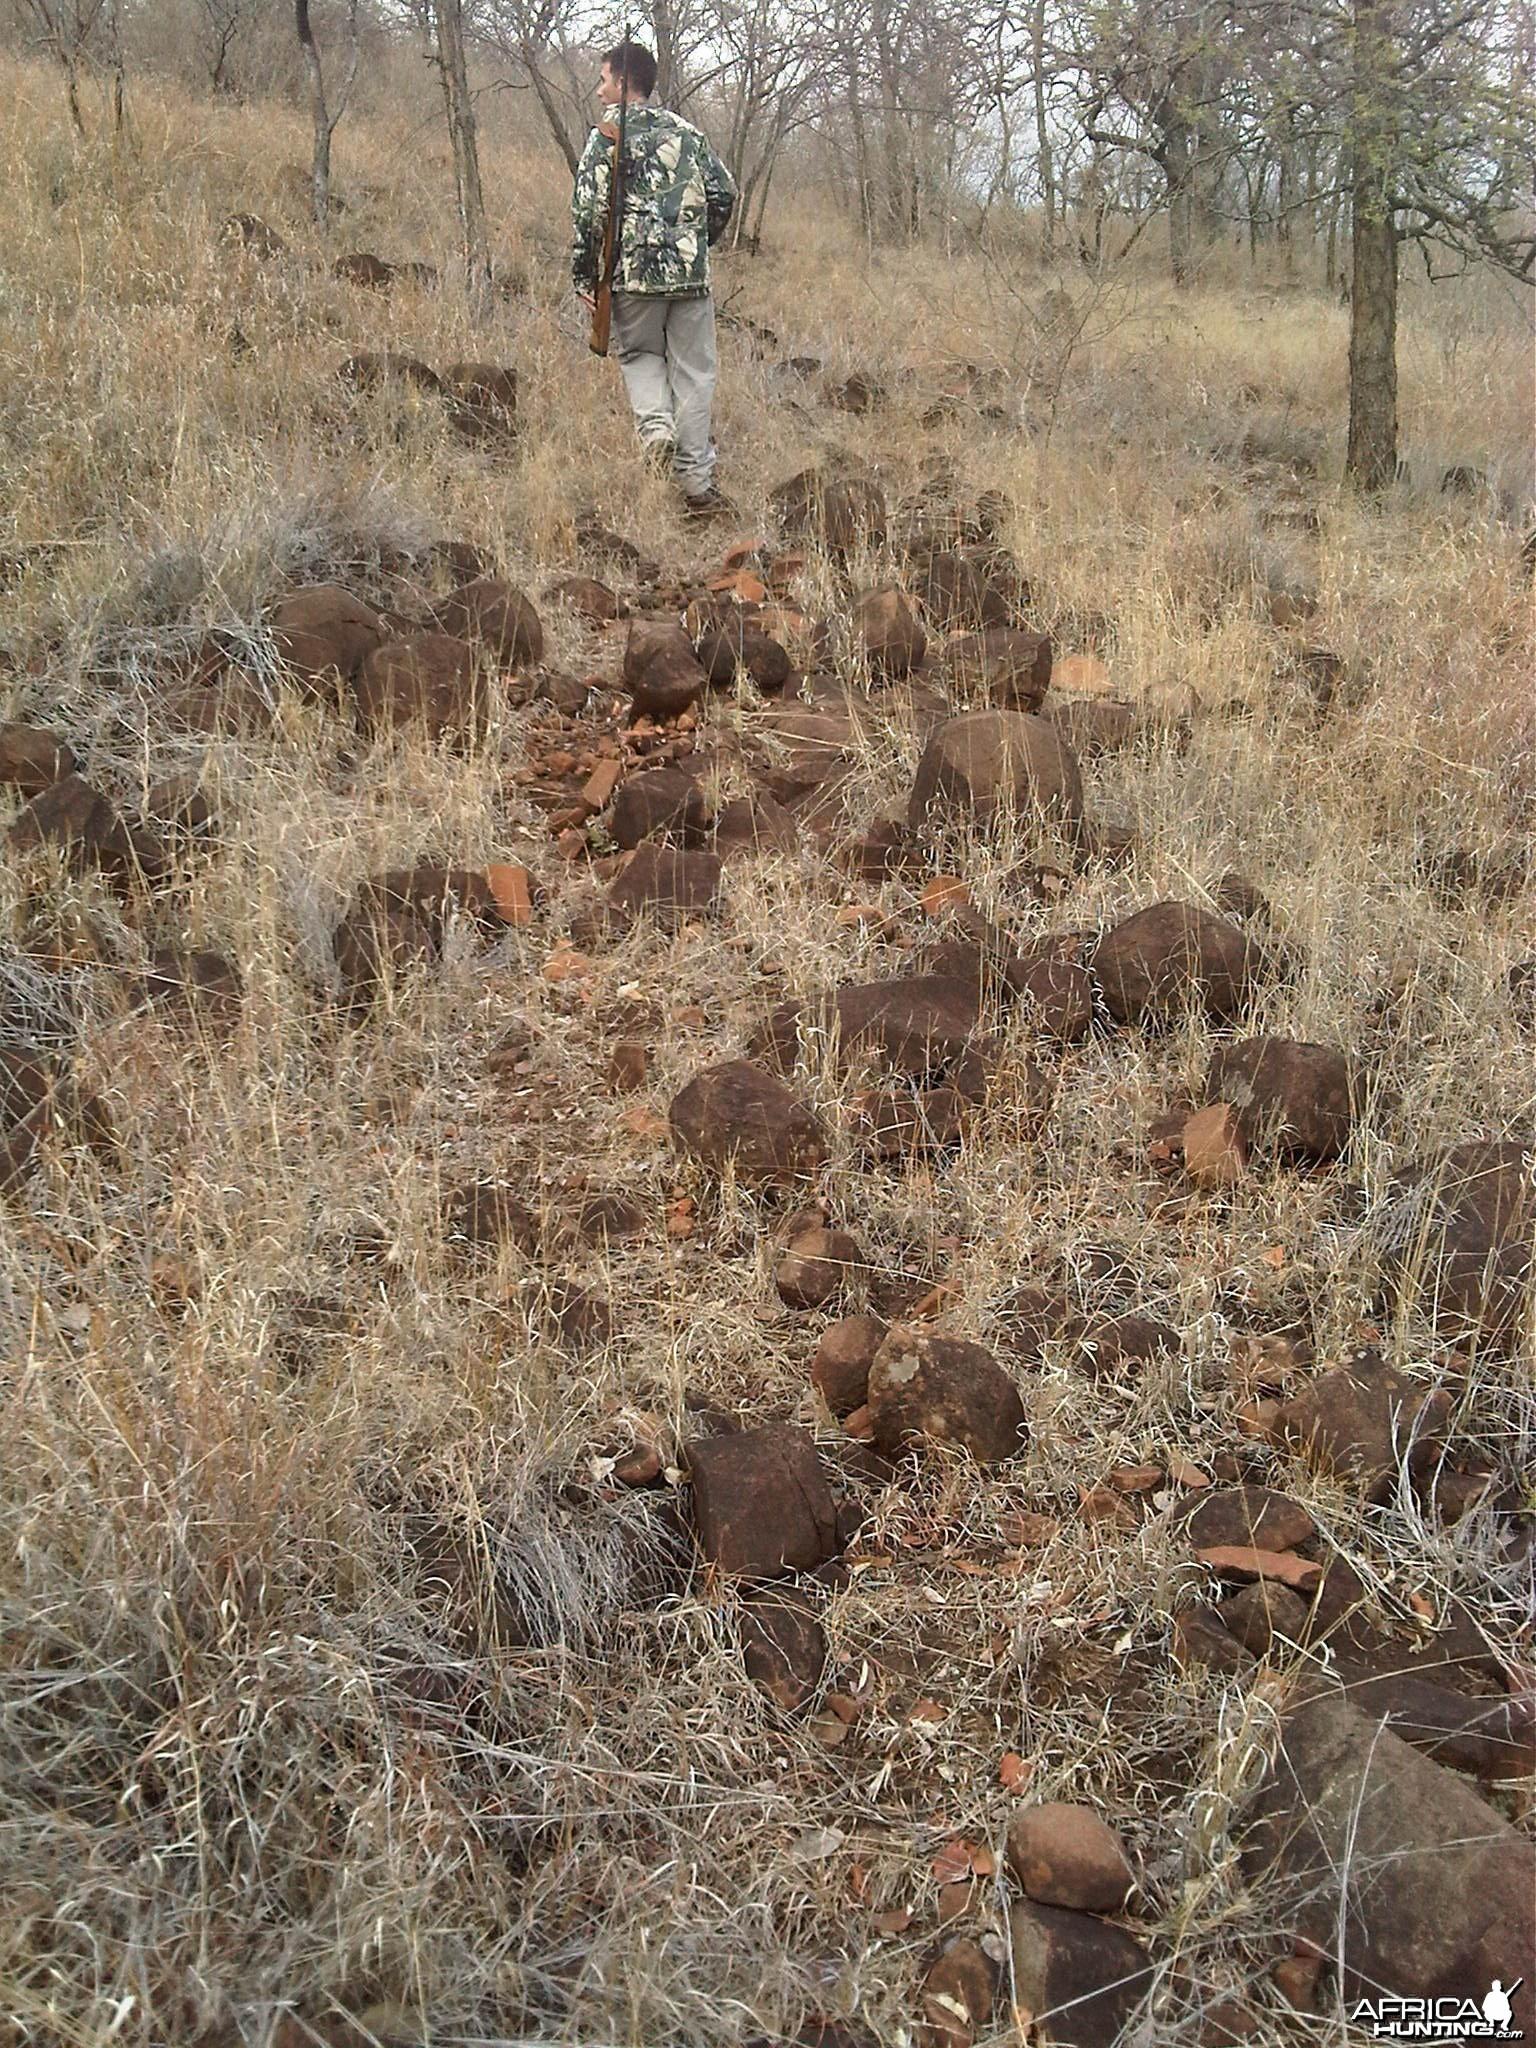 Kudu Mtn. Rocks - Pathway